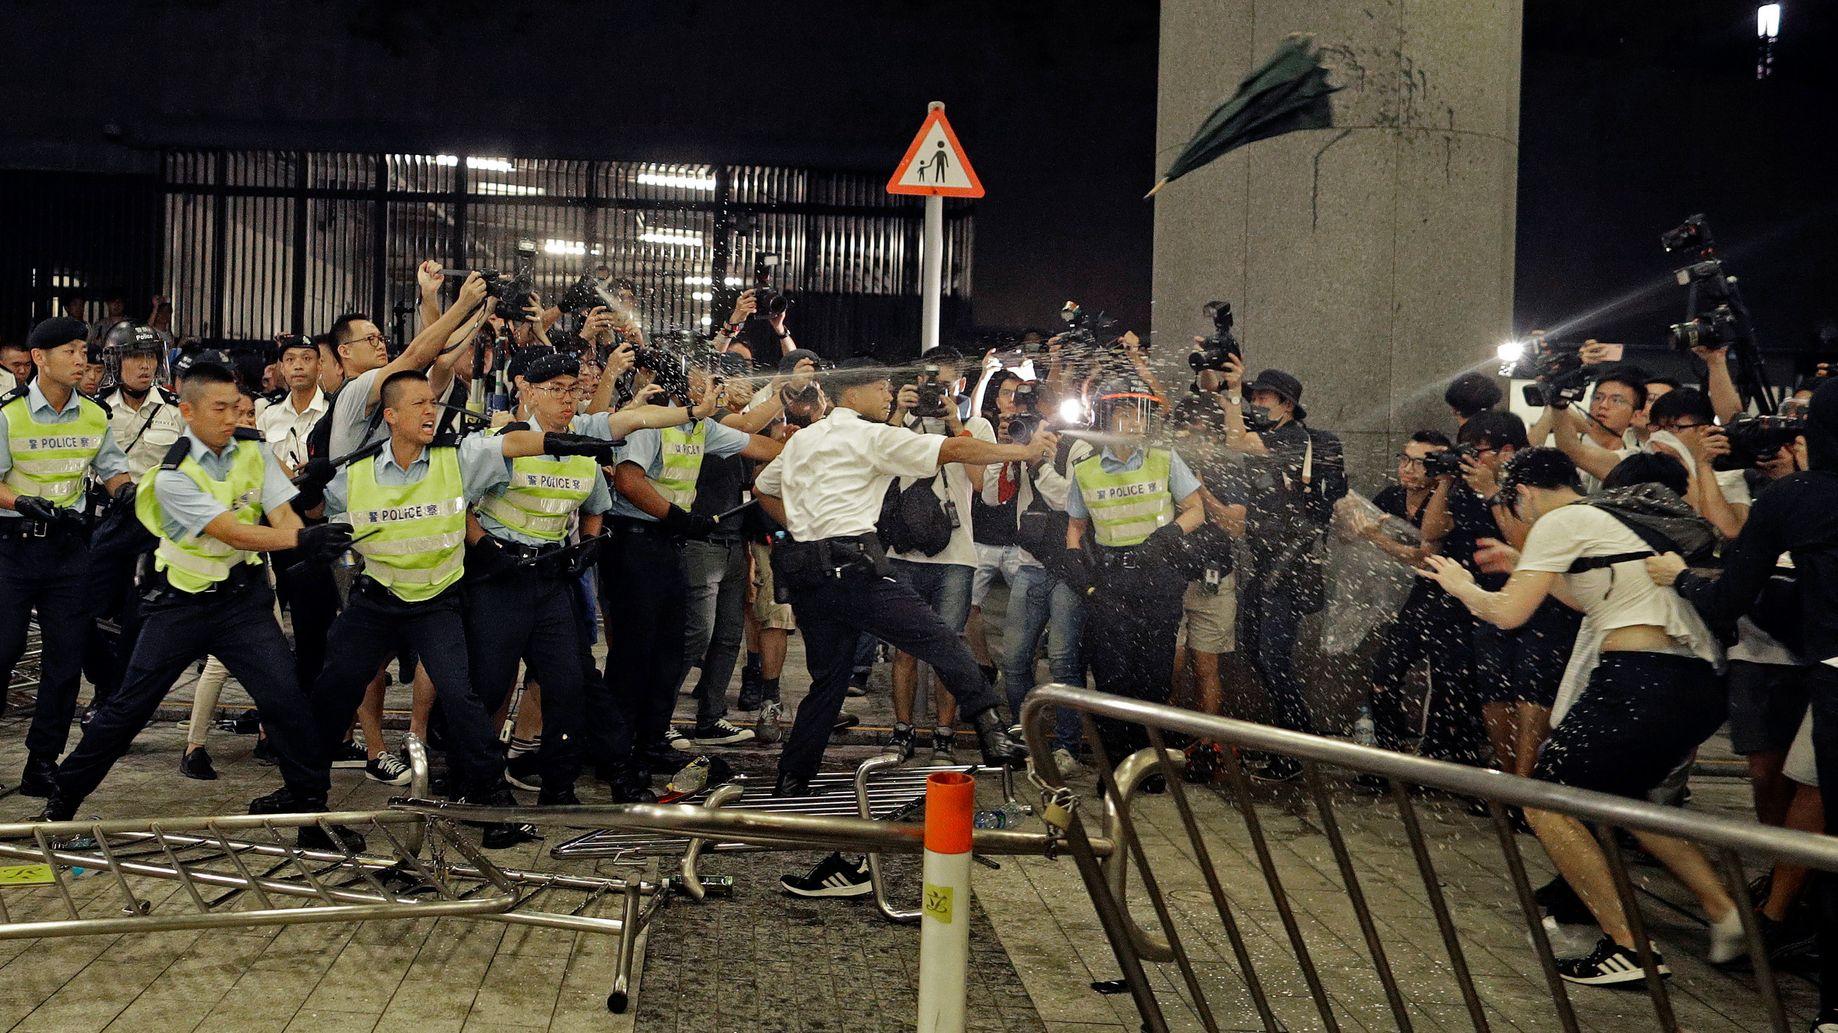 Polizisten in Hongkong sprühen Pfefferspray auf Demonstranten, die gegen das von der Regierung geplante Auslieferungsgesetz protestieren.